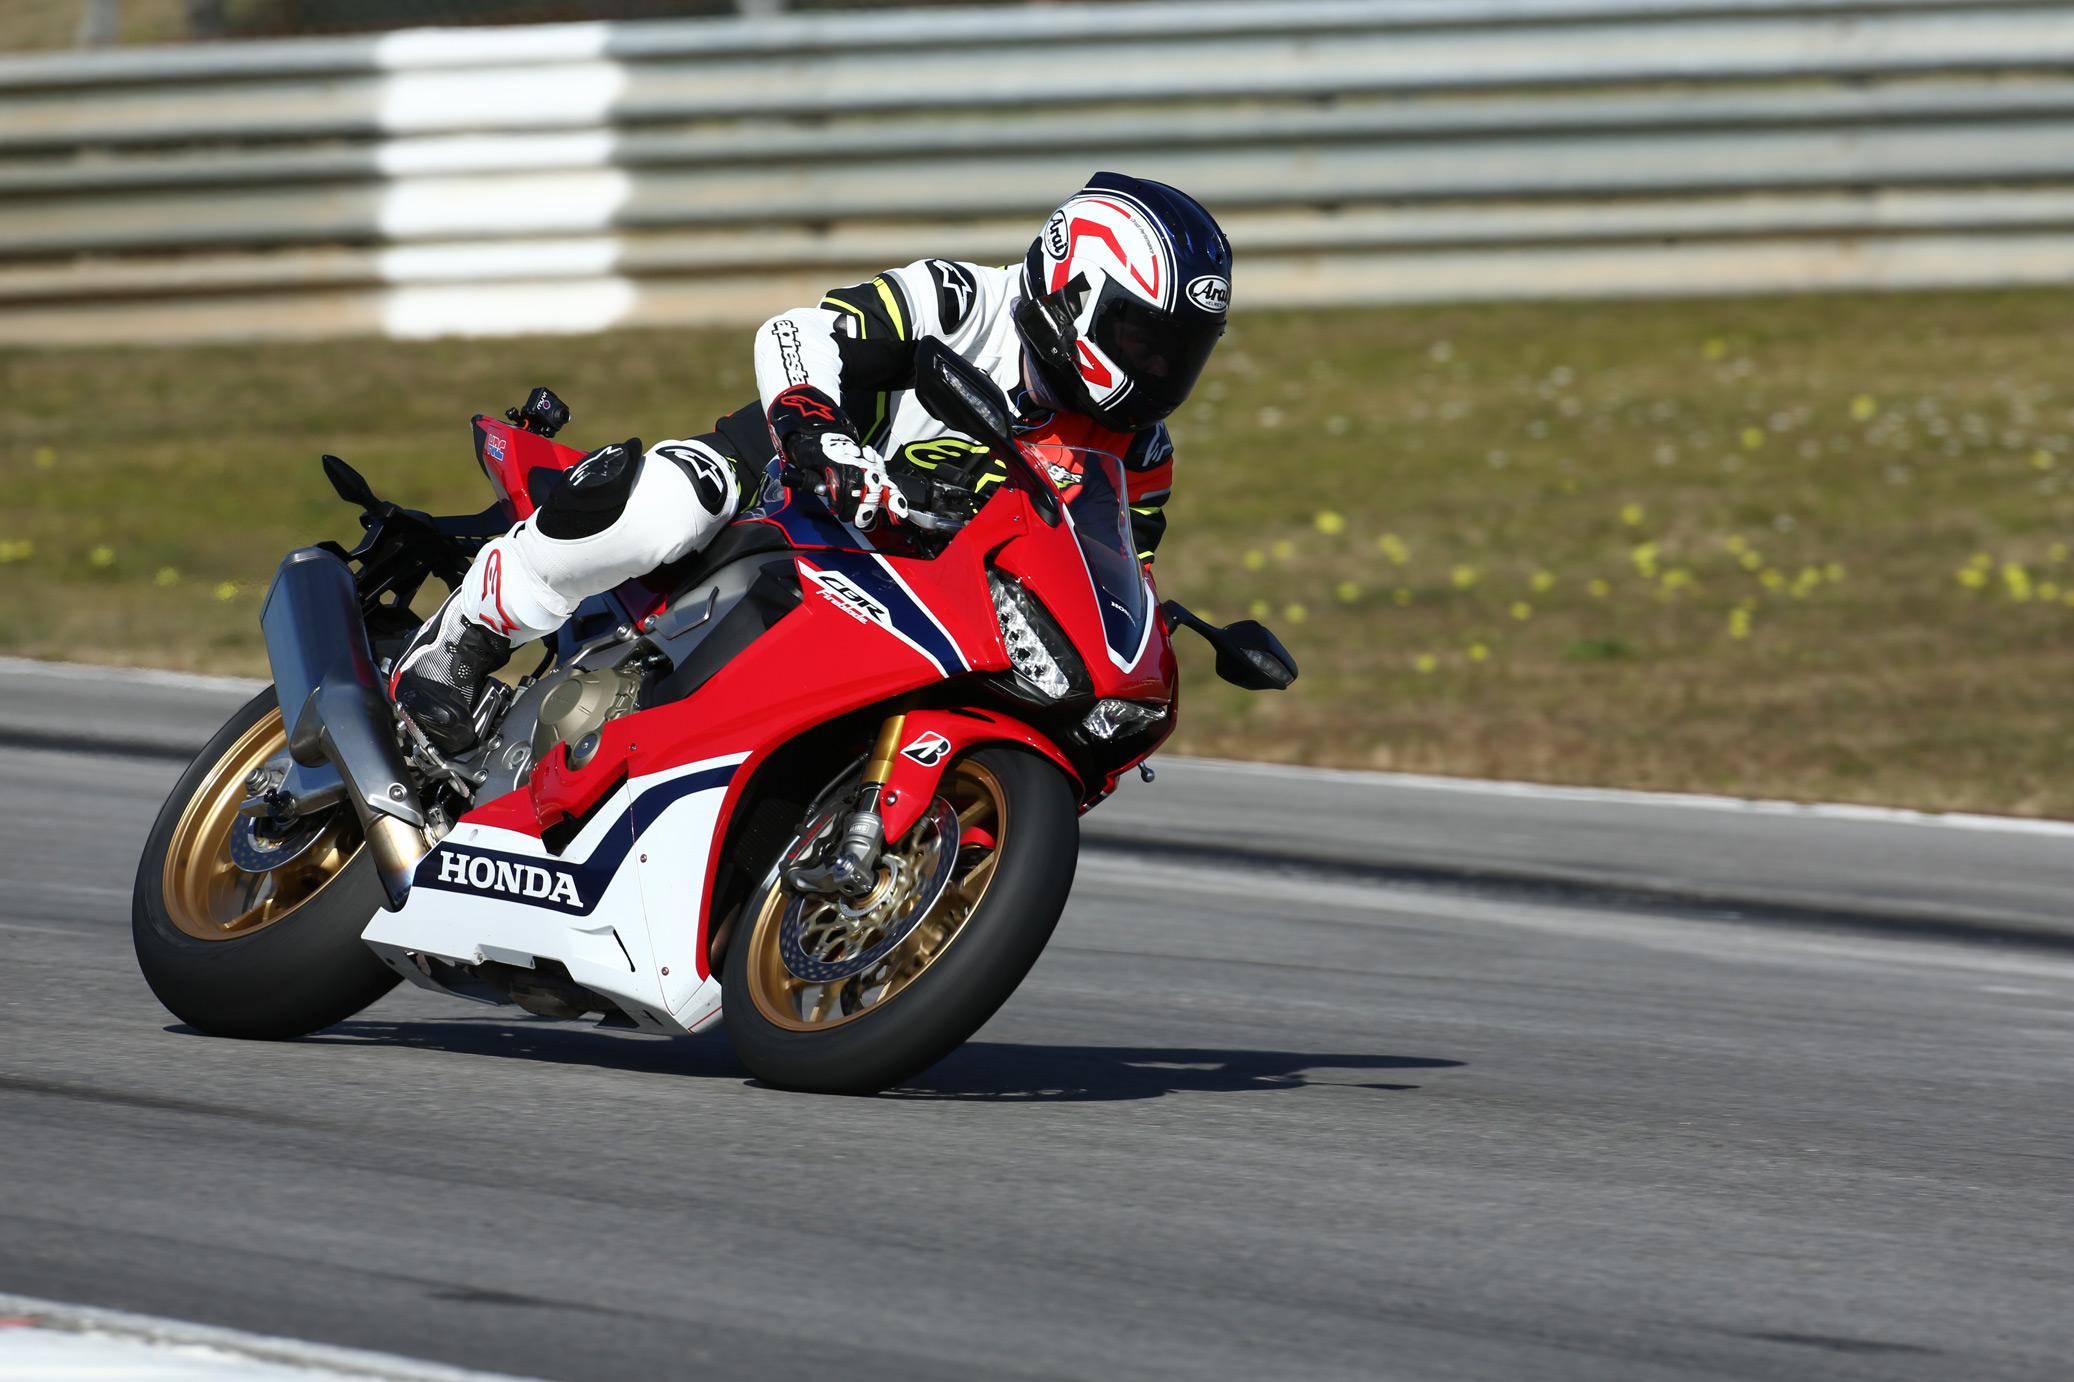 Honda Cbr1000rr Review >> First ride: Honda CBR1000RR Fireblade/SP... | Visordown